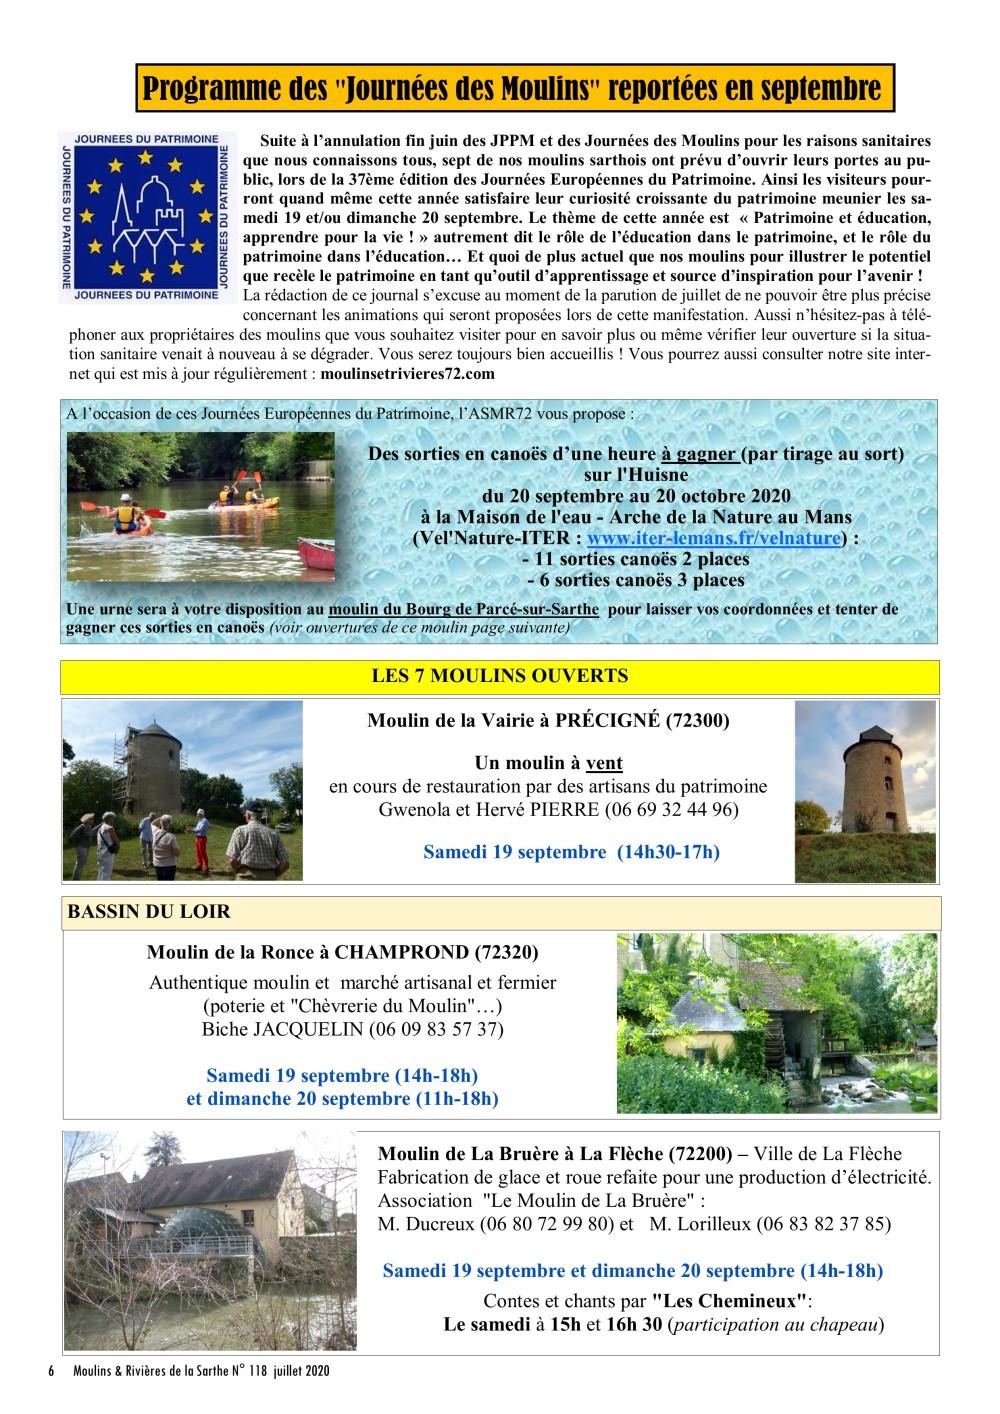 Programme JEP ouverture 7 moulins_1